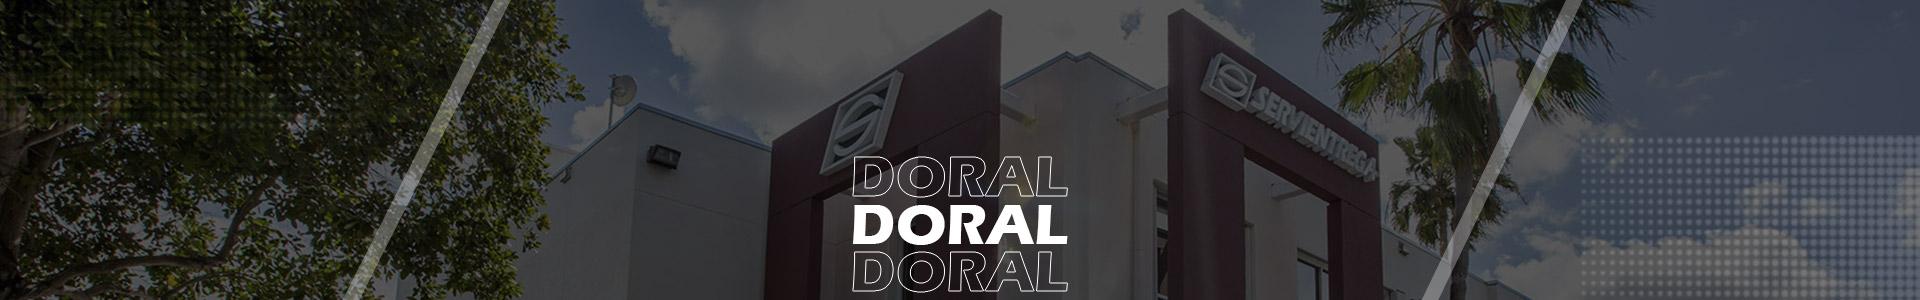 doral-landing